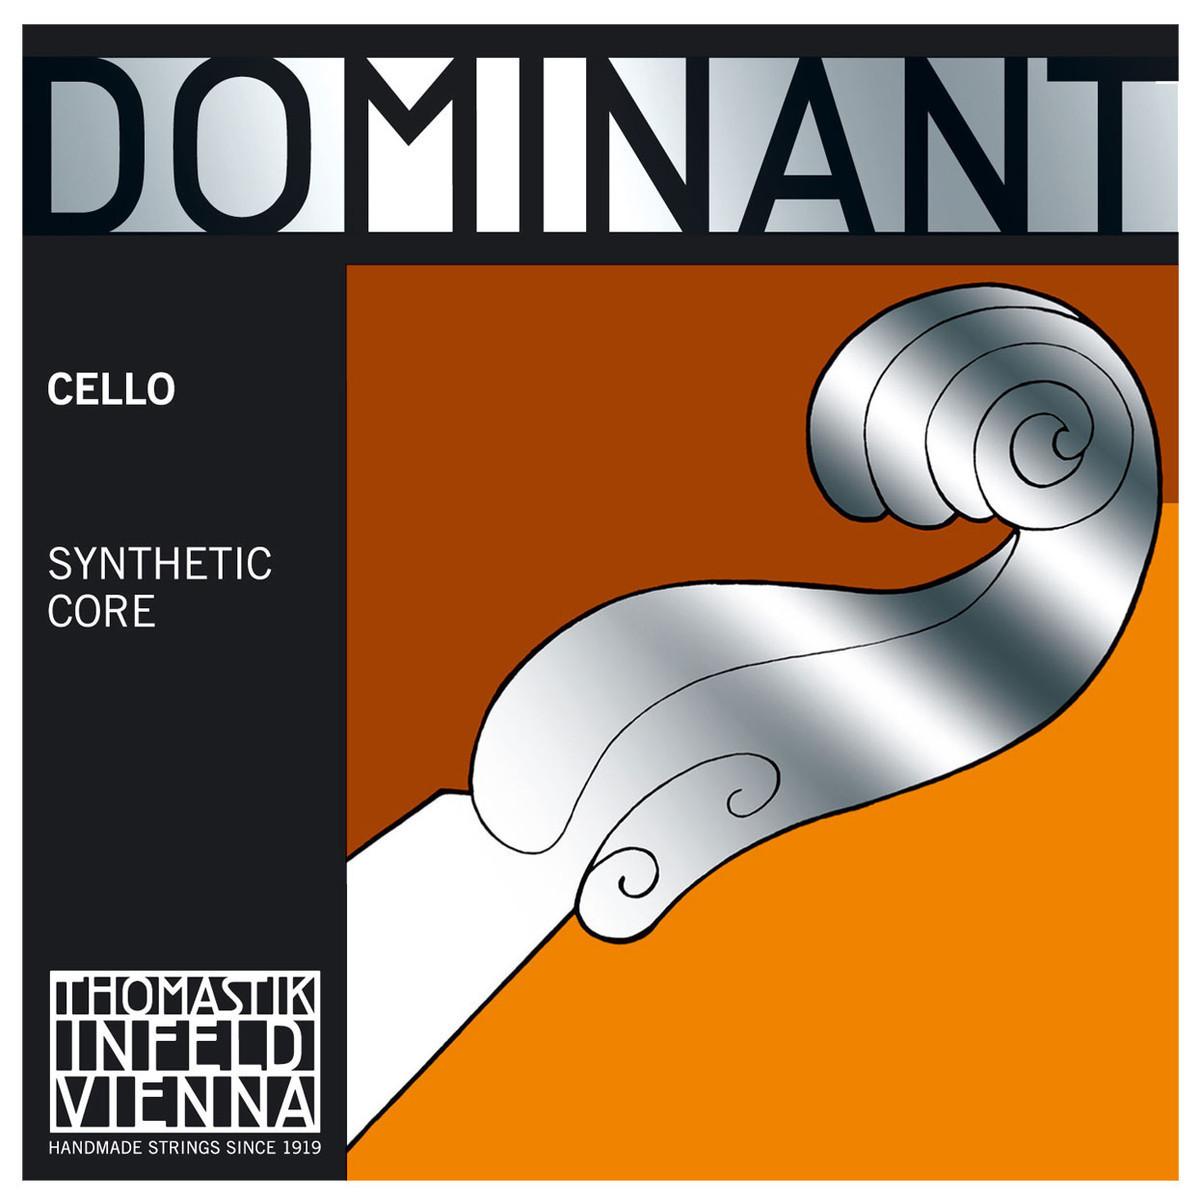 Thomastik Dominant 142w 4 4 Cello A String Chrome Wound Weak